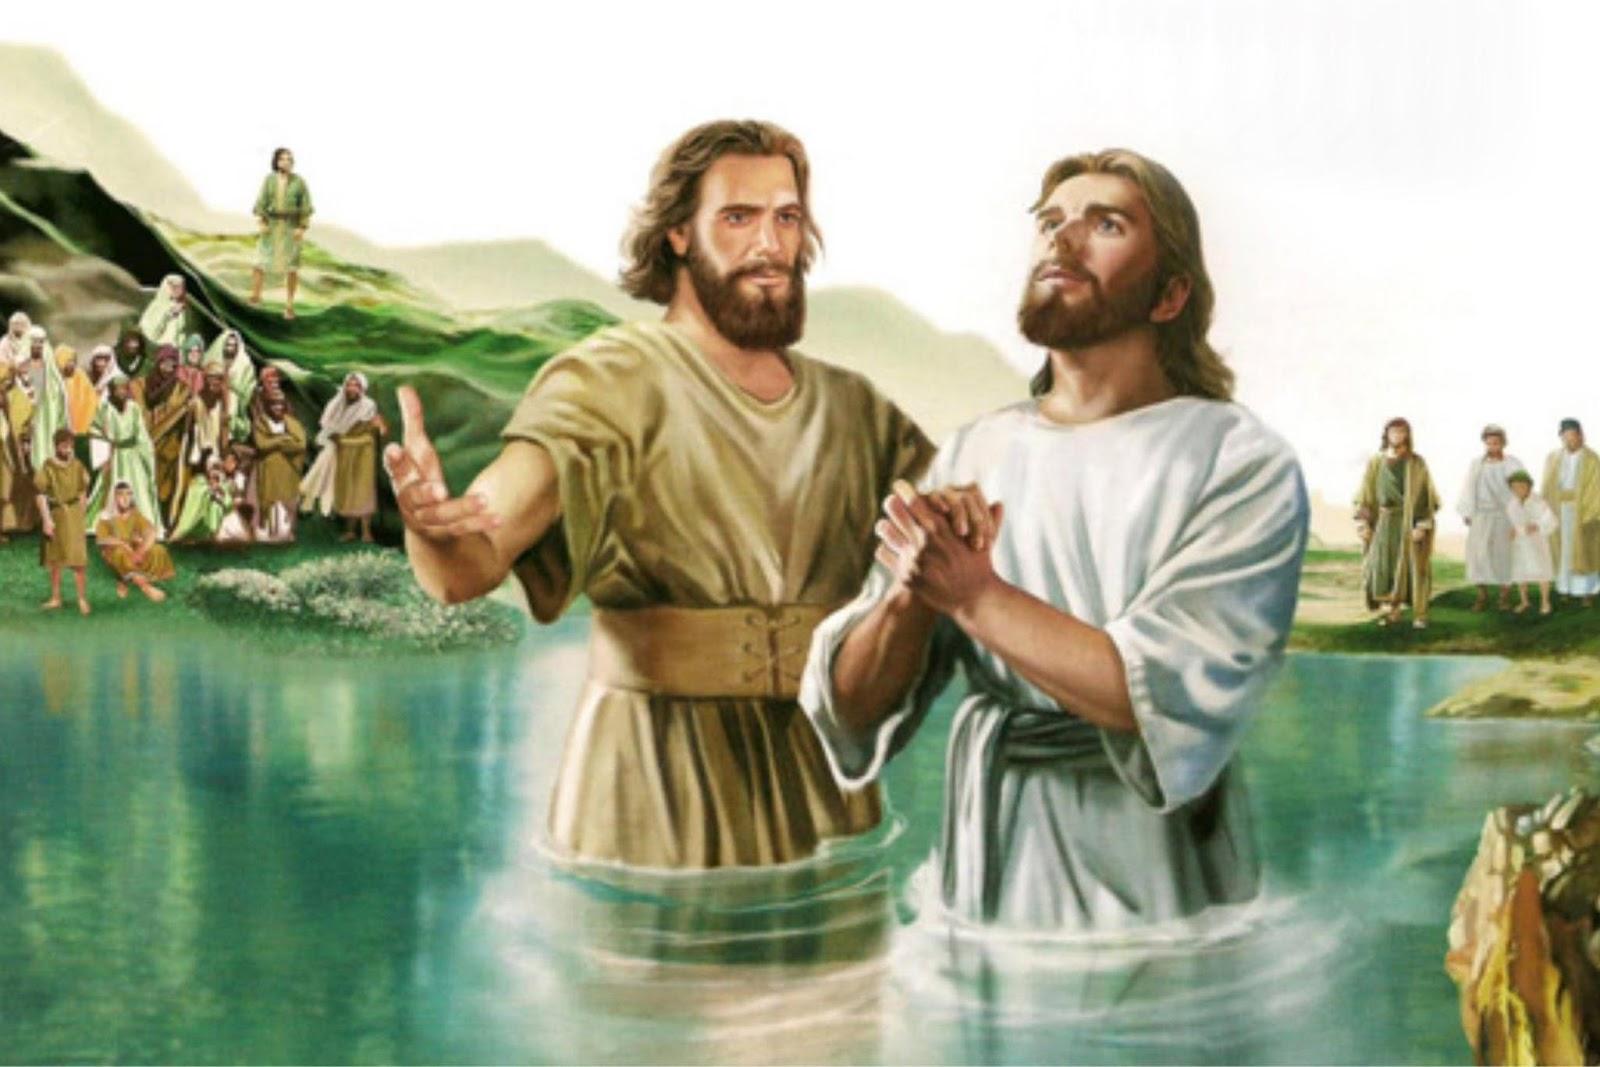 Resultado de imagem para imagem do batismo de jesus - canção nova